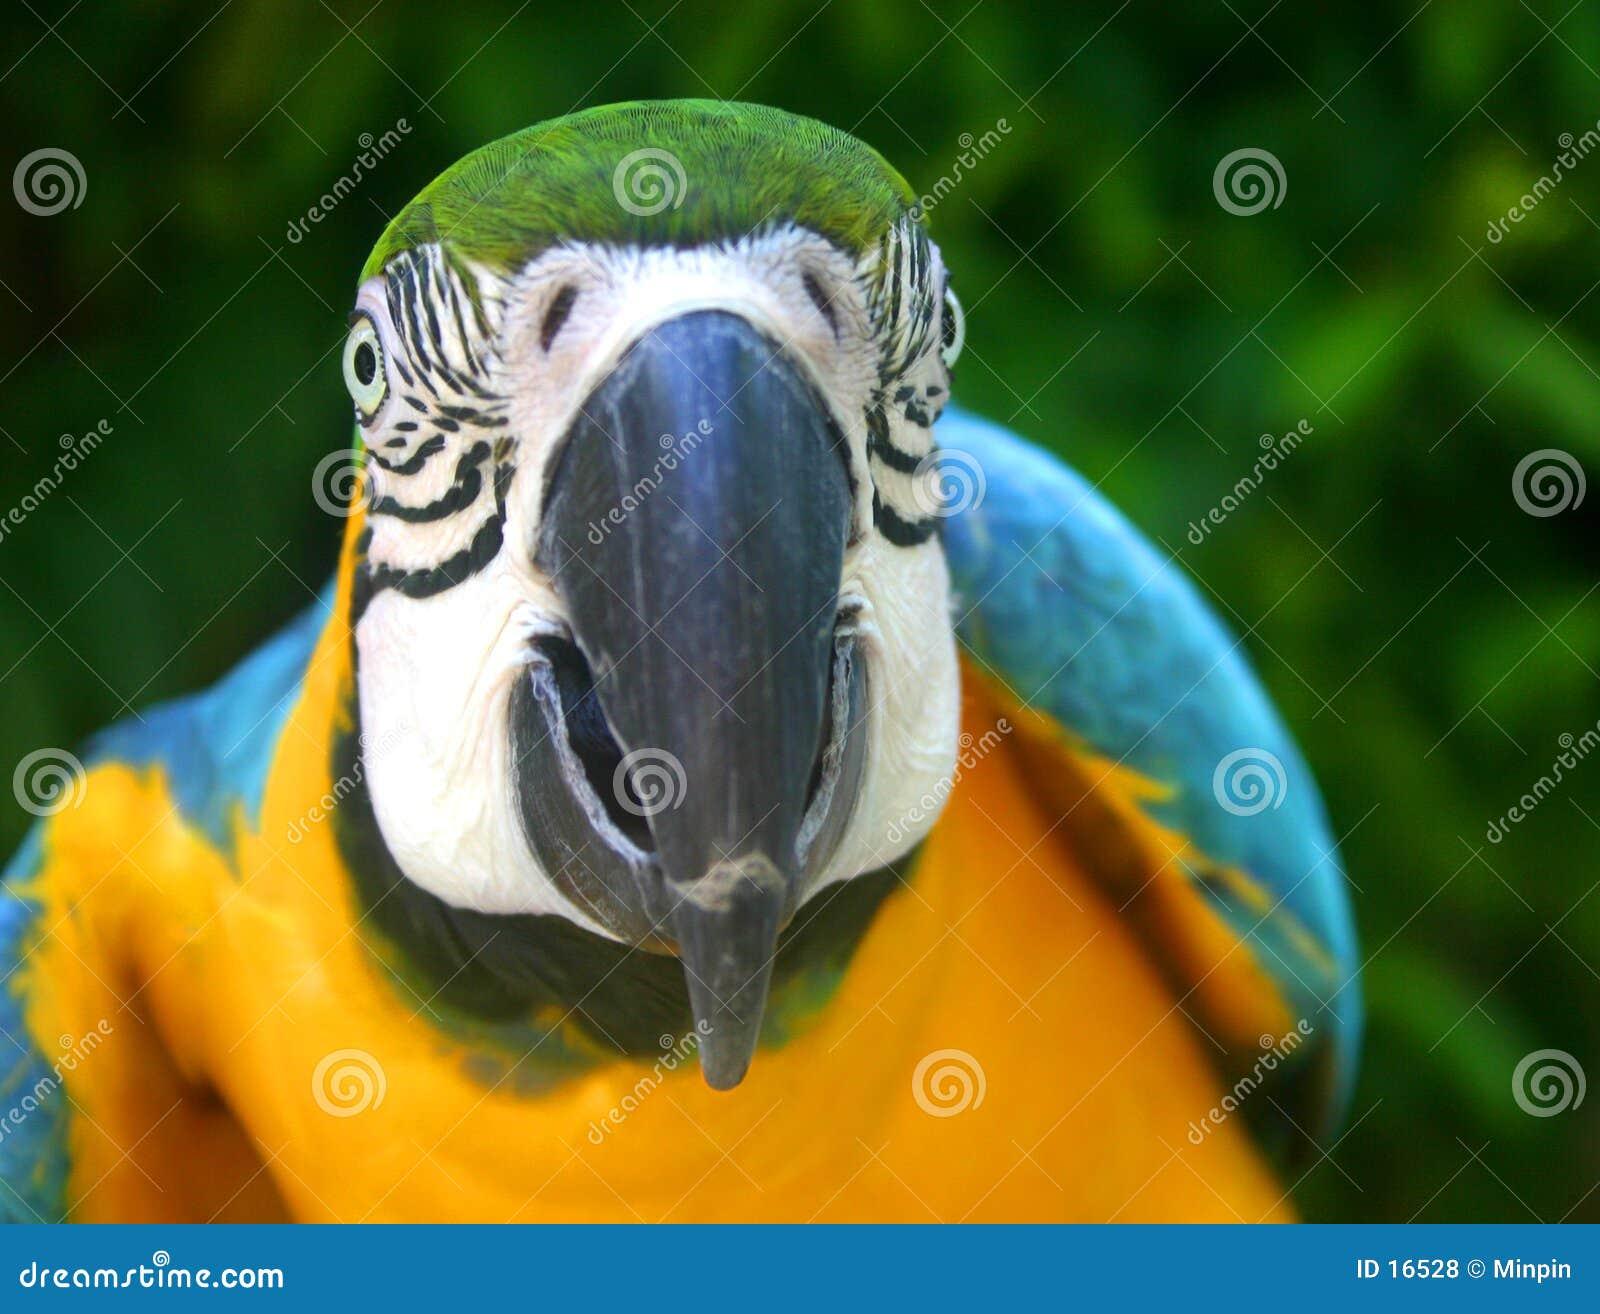 Papuga ary